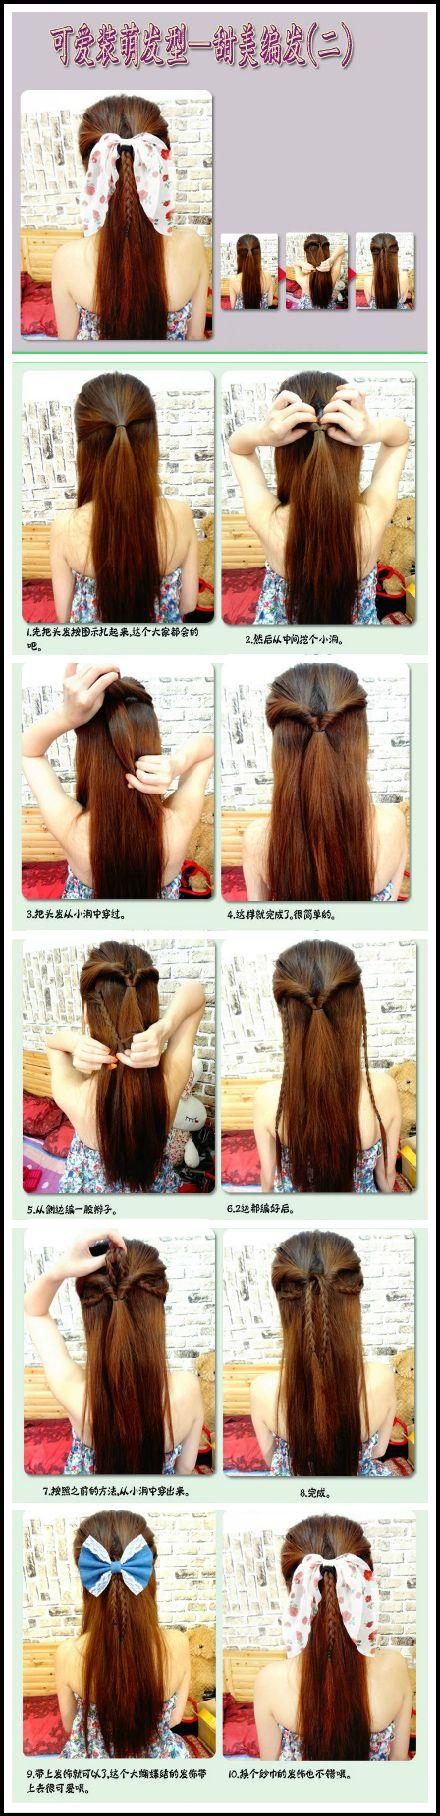 chiffon hair accessory - zzkko.com